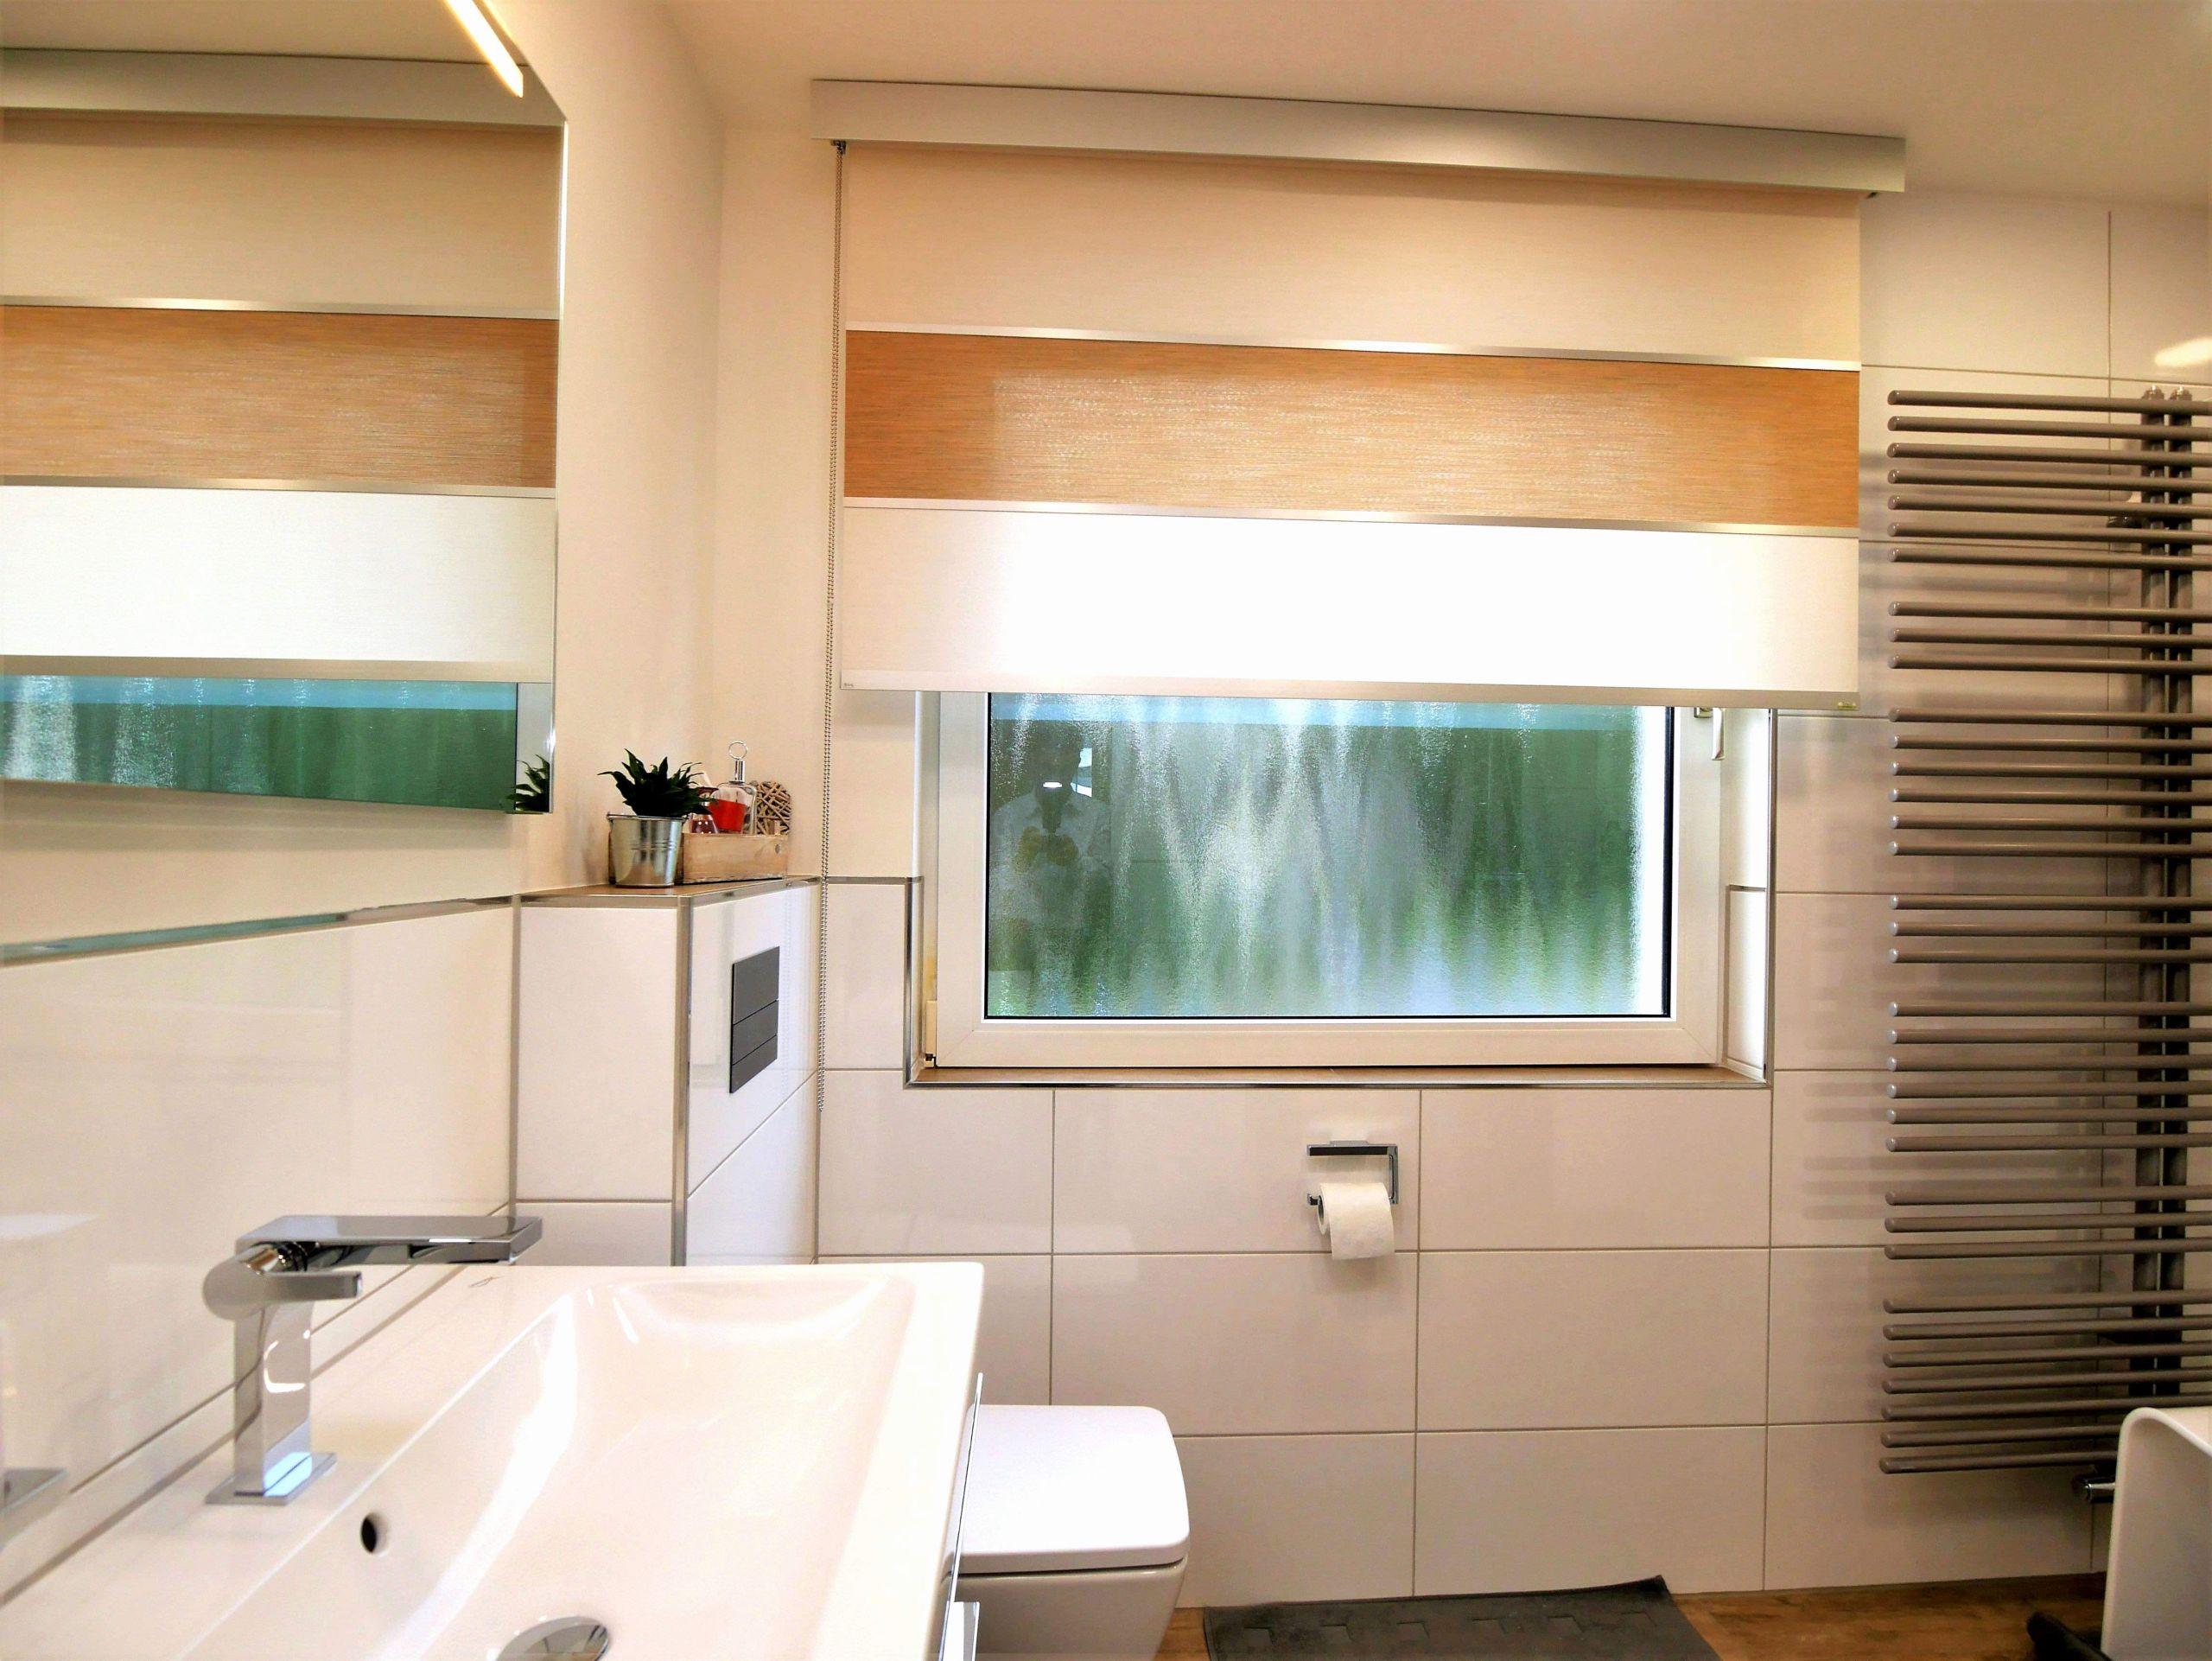 Full Size of Gardinen Küche Modern Vorhänge Wandbelag Wandregal Moderne Bilder Fürs Wohnzimmer Vinylboden Wandtattoos Doppel Mülleimer Tapete Deckenlampe Büroküche Wohnzimmer Gardinen Küche Modern